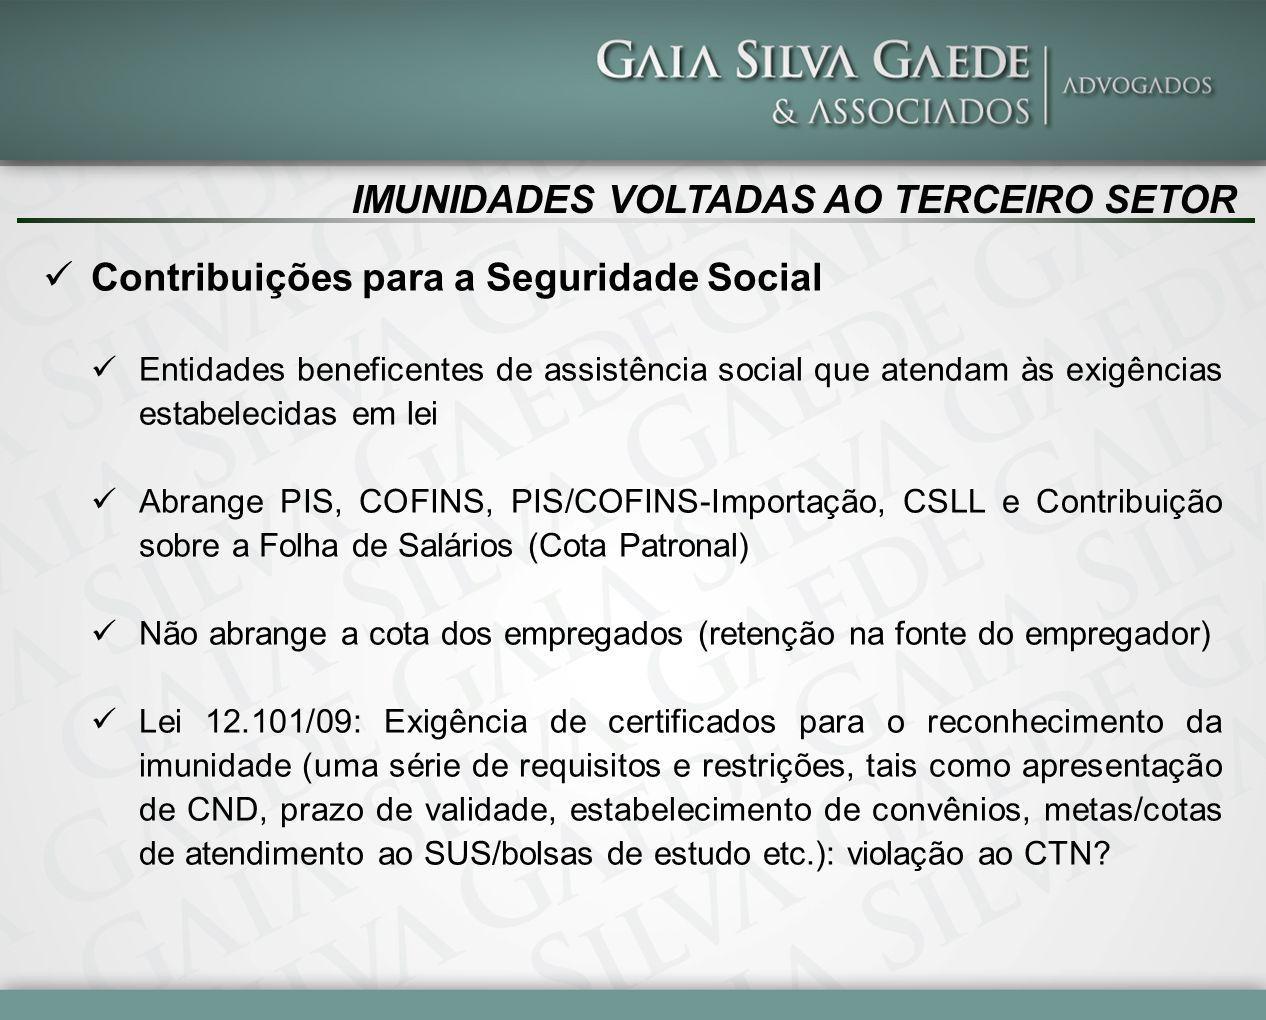 IMUNIDADES VOLTADAS AO TERCEIRO SETOR Contribuições para a Seguridade Social Entidades beneficentes de assistência social que atendam às exigências estabelecidas em lei Abrange PIS, COFINS, PIS/COFINS-Importação, CSLL e Contribuição sobre a Folha de Salários (Cota Patronal) Não abrange a cota dos empregados (retenção na fonte do empregador) Lei 12.101/09: Exigência de certificados para o reconhecimento da imunidade (uma série de requisitos e restrições, tais como apresentação de CND, prazo de validade, estabelecimento de convênios, metas/cotas de atendimento ao SUS/bolsas de estudo etc.): violação ao CTN?